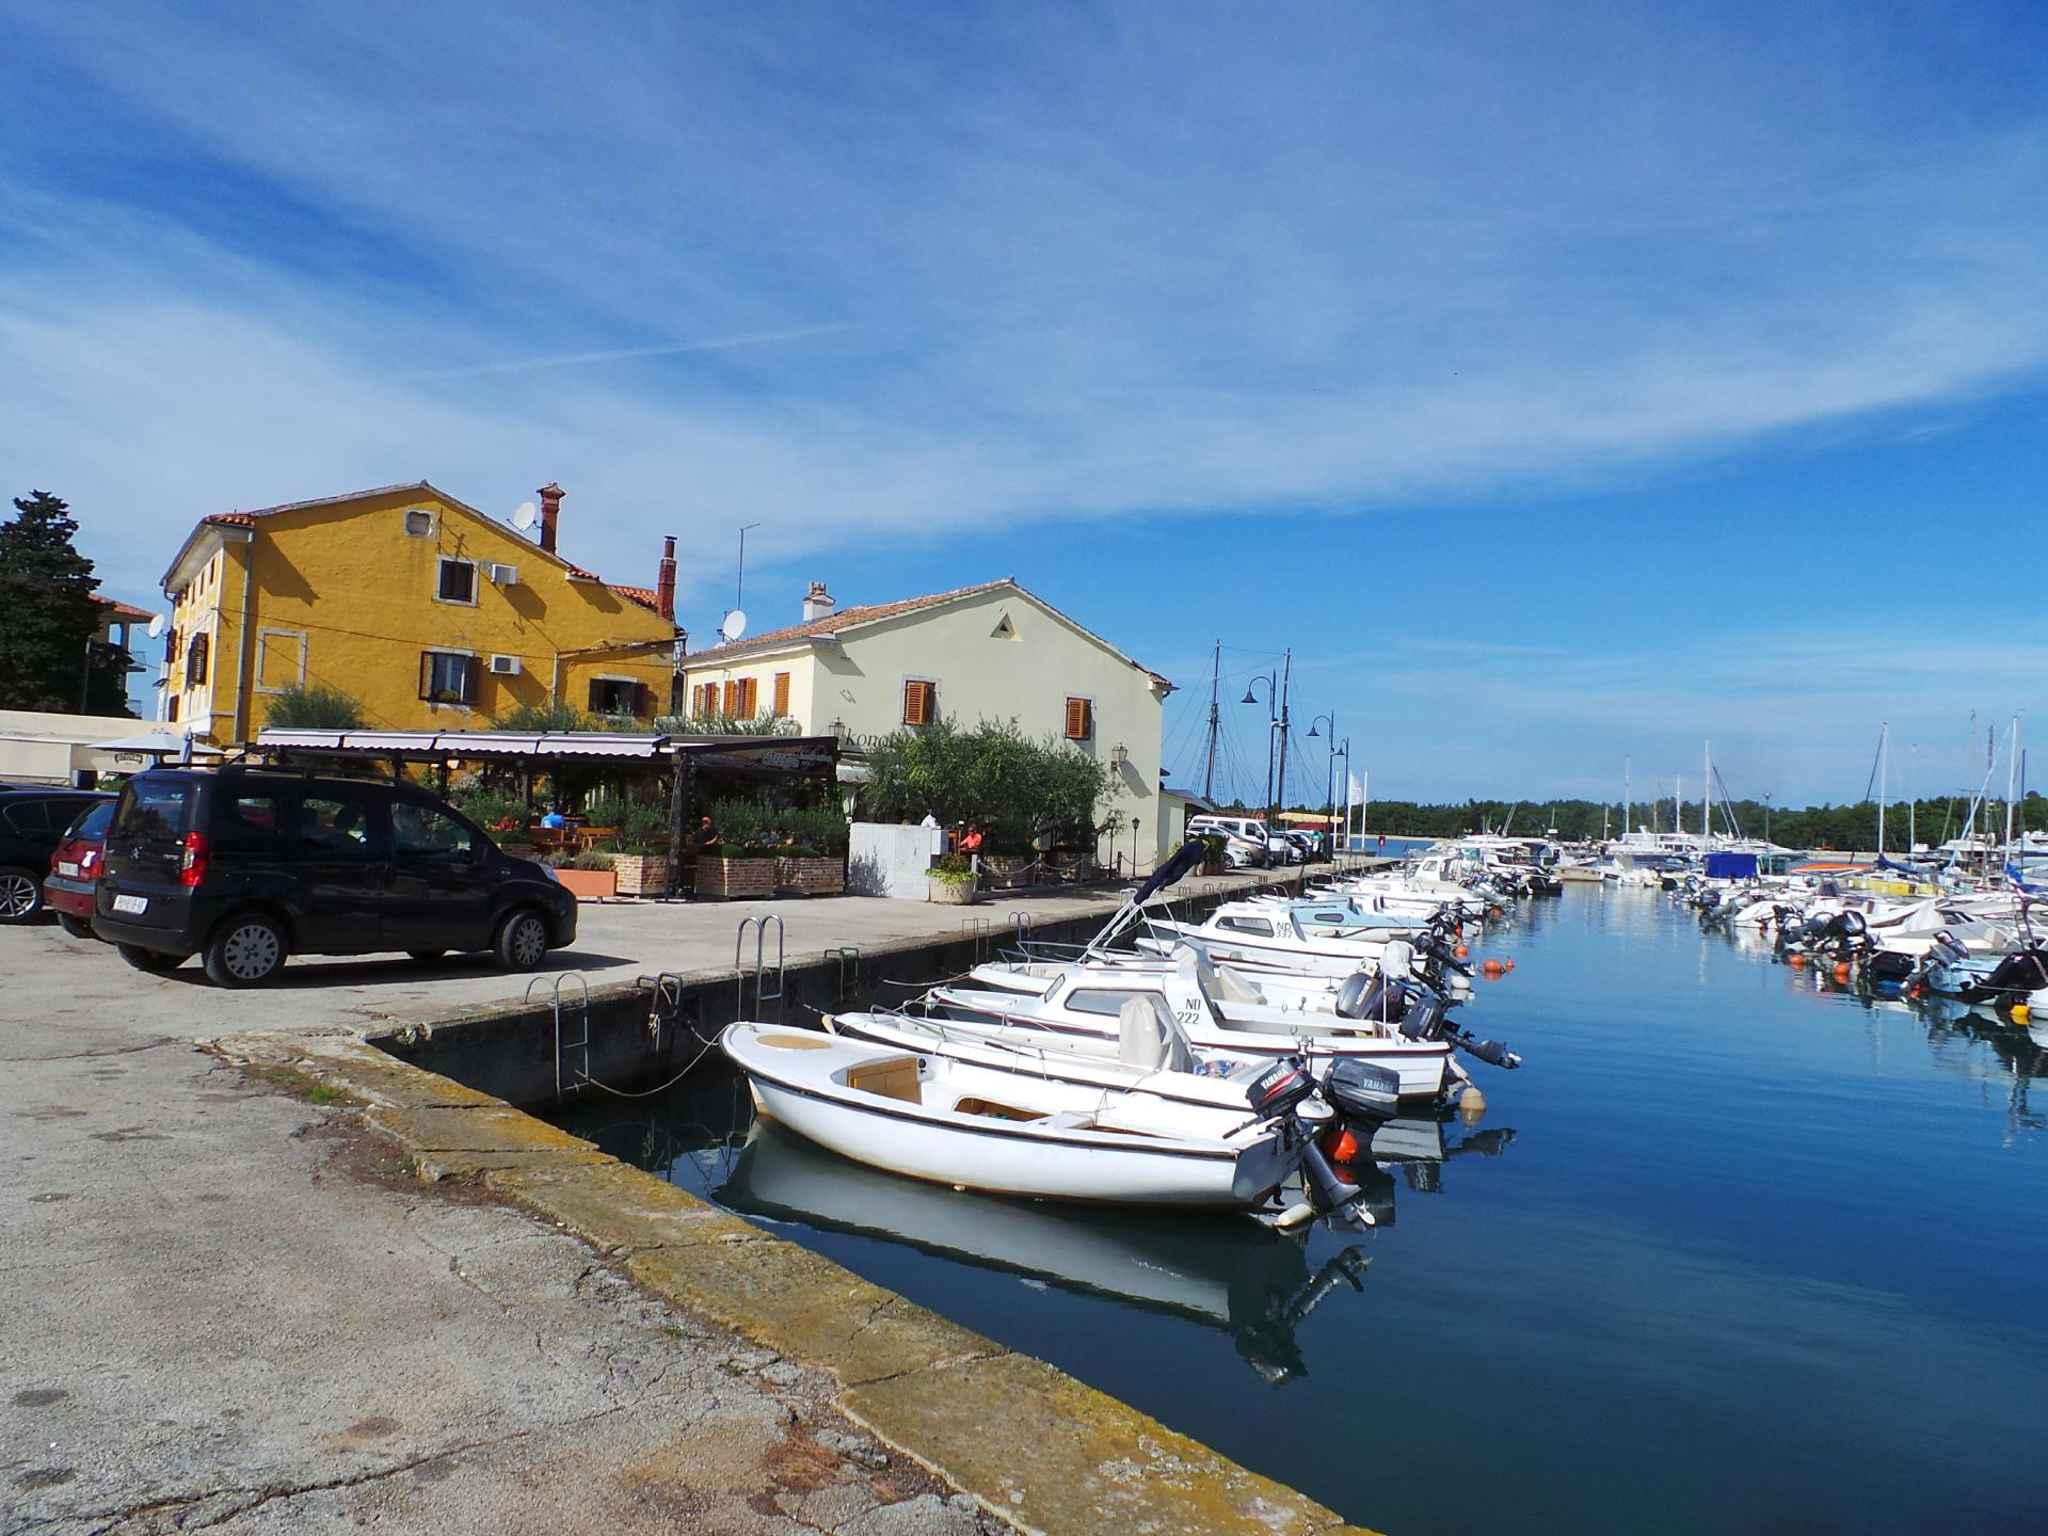 Ferienwohnung mit Meerblick (278910), Zadar, , Dalmatien, Kroatien, Bild 26